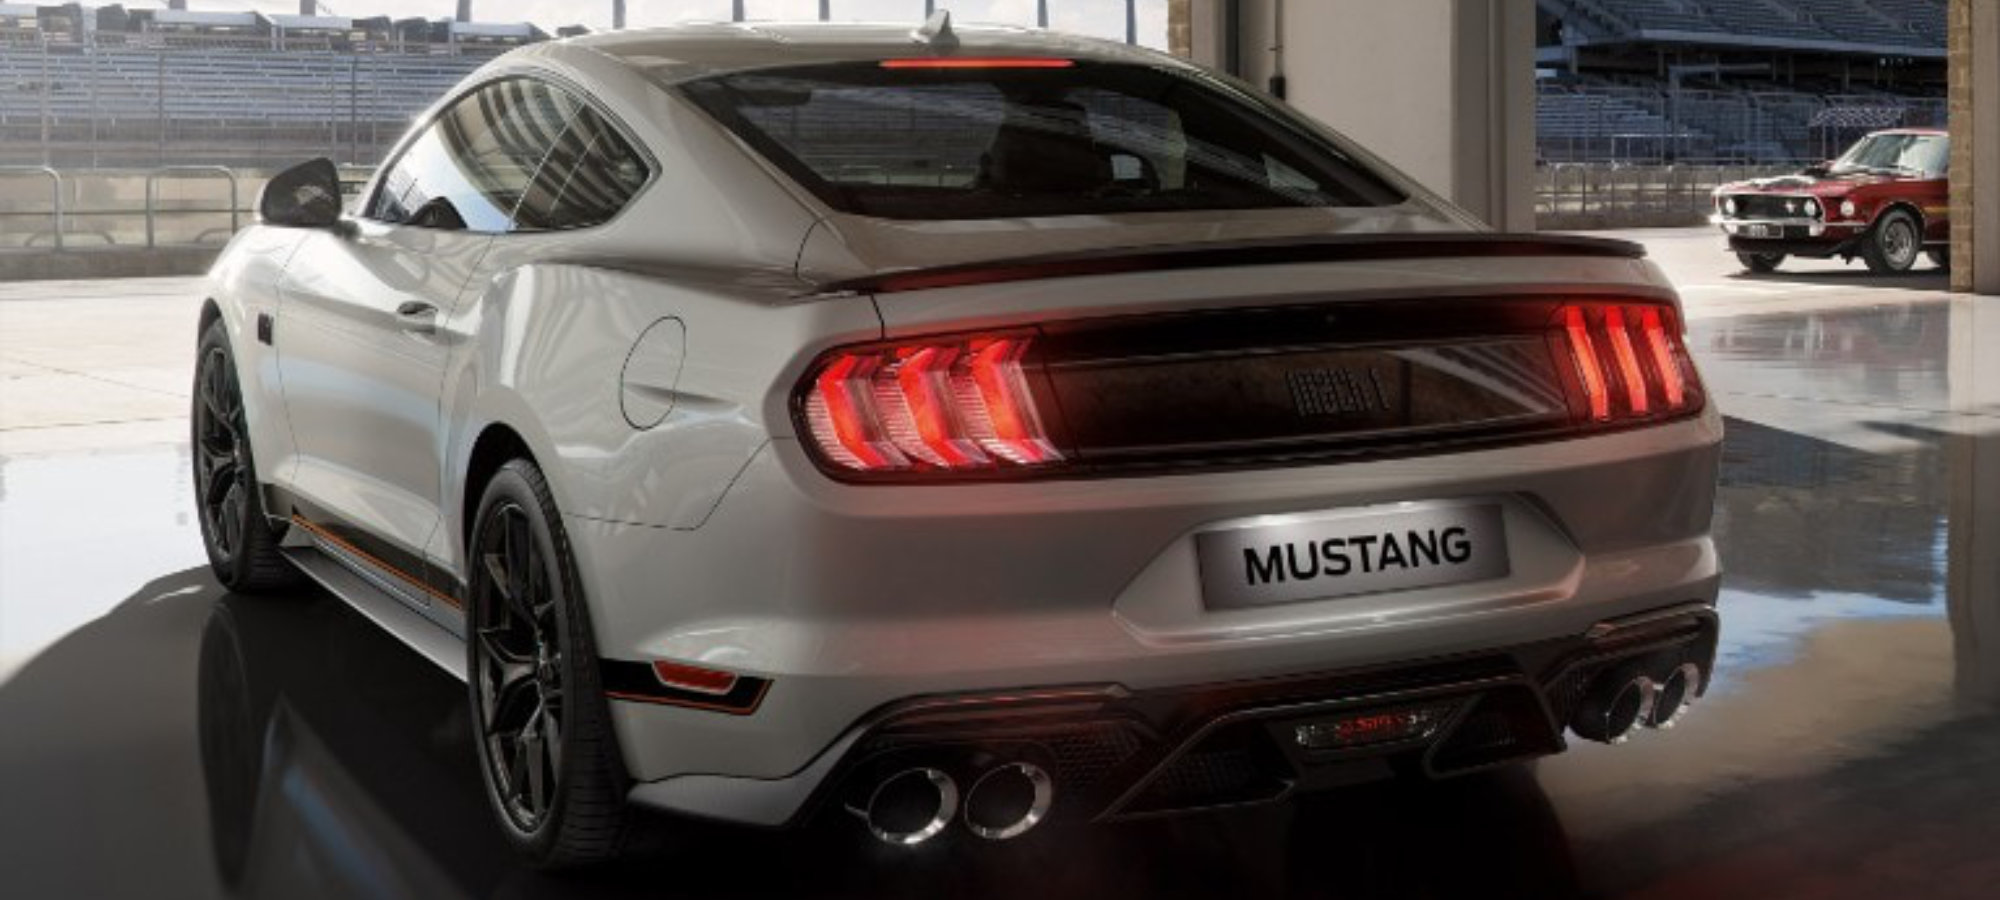 Mustang Mach 1 sølv